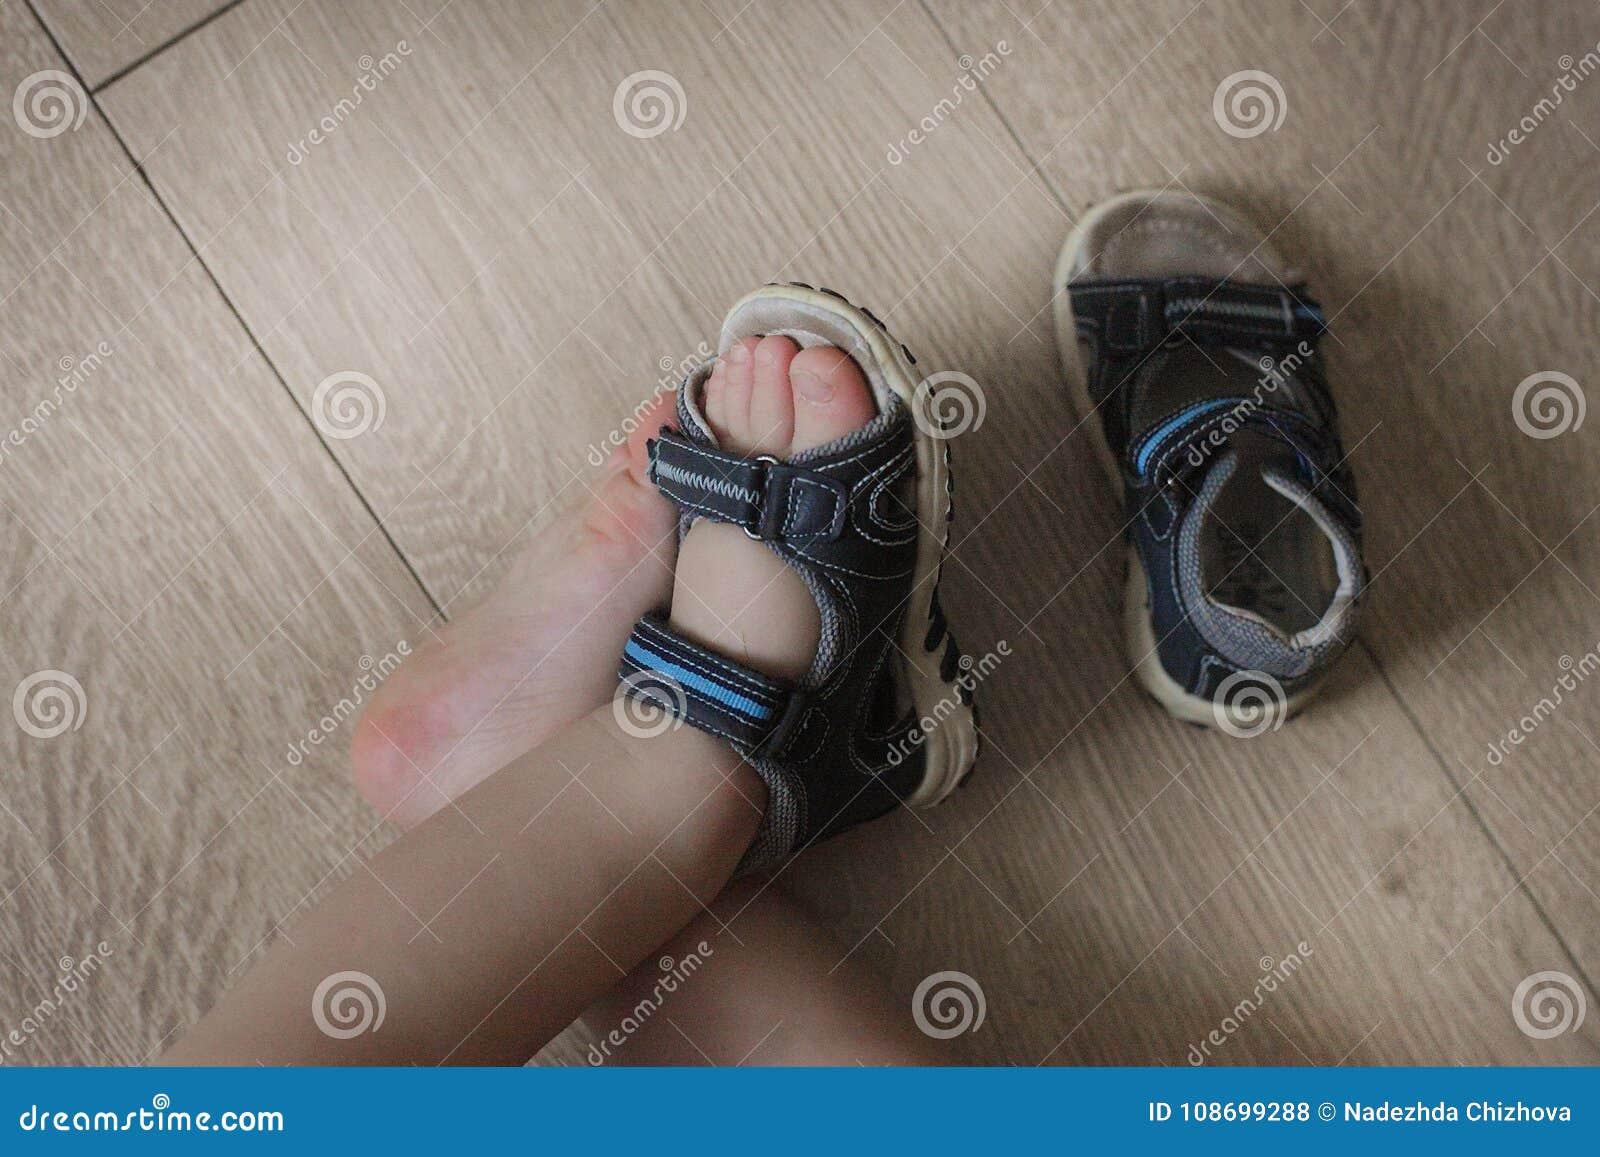 9c7814422d0 Geschoeide benen van de baby Kinderen` s sandals op hun voeten  Peuterschoenen Toeristensandals voor de